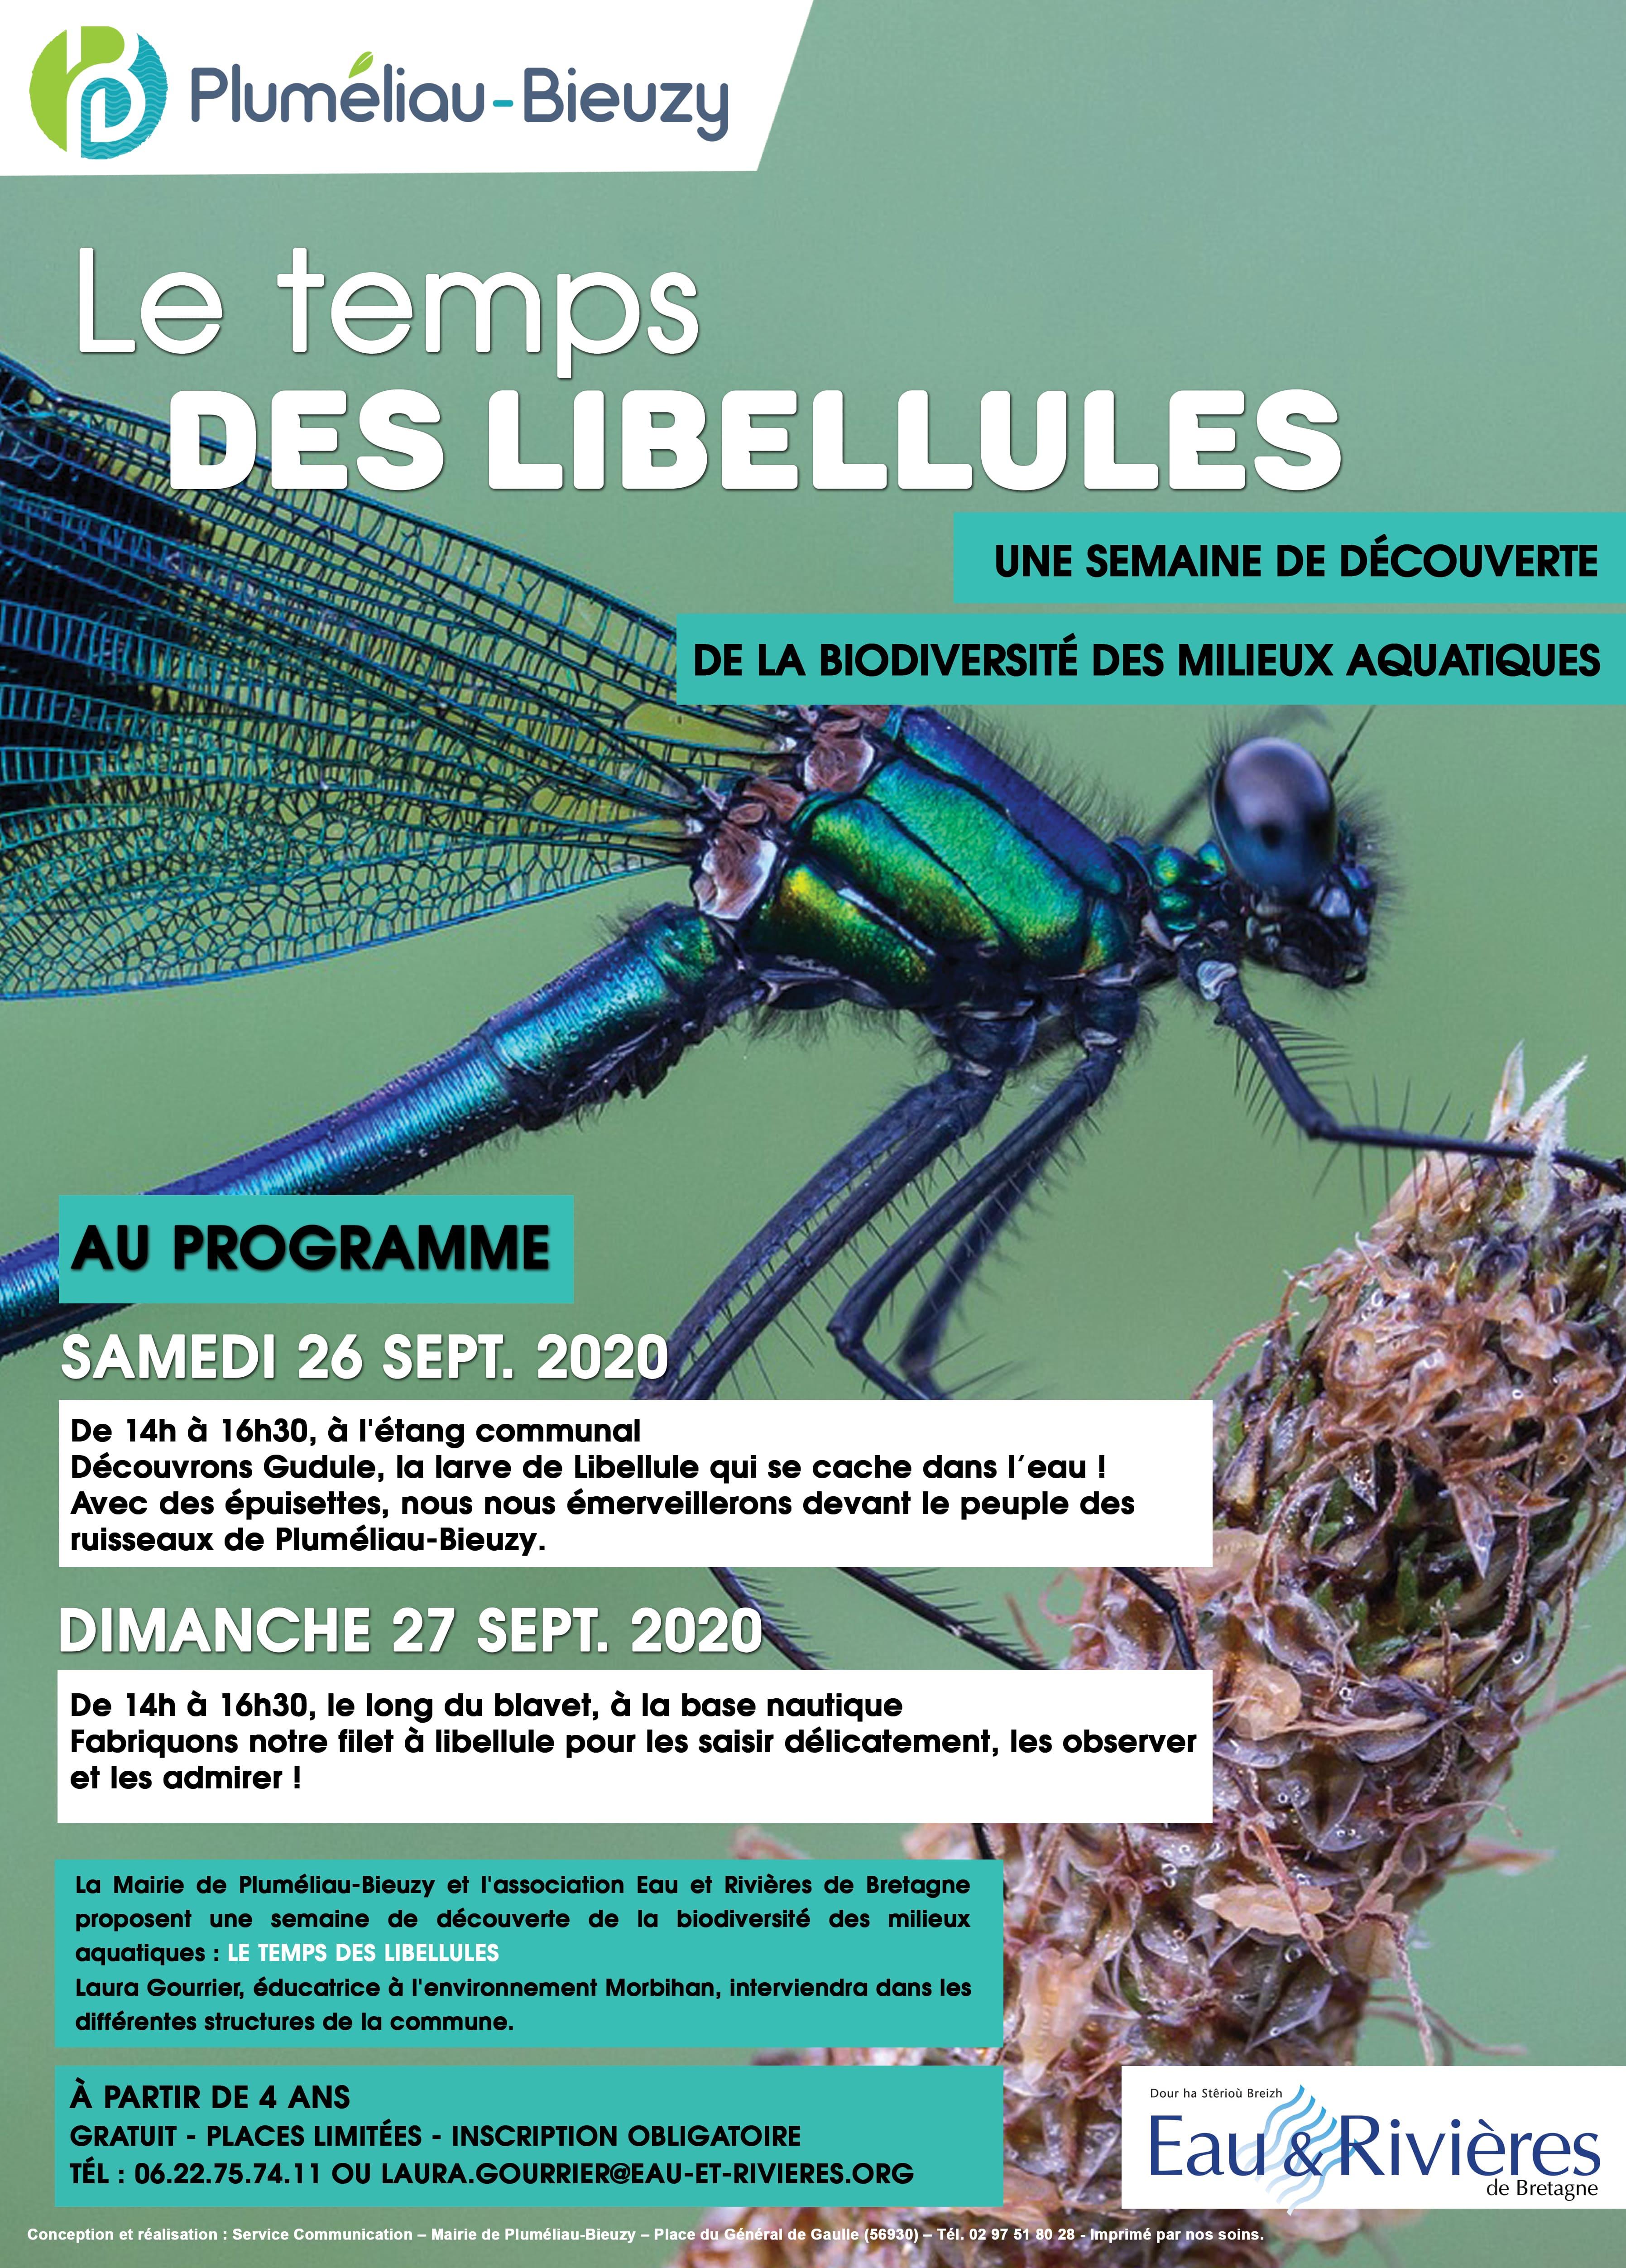 Le temps des libellules à Pluméliau-Bieuzy